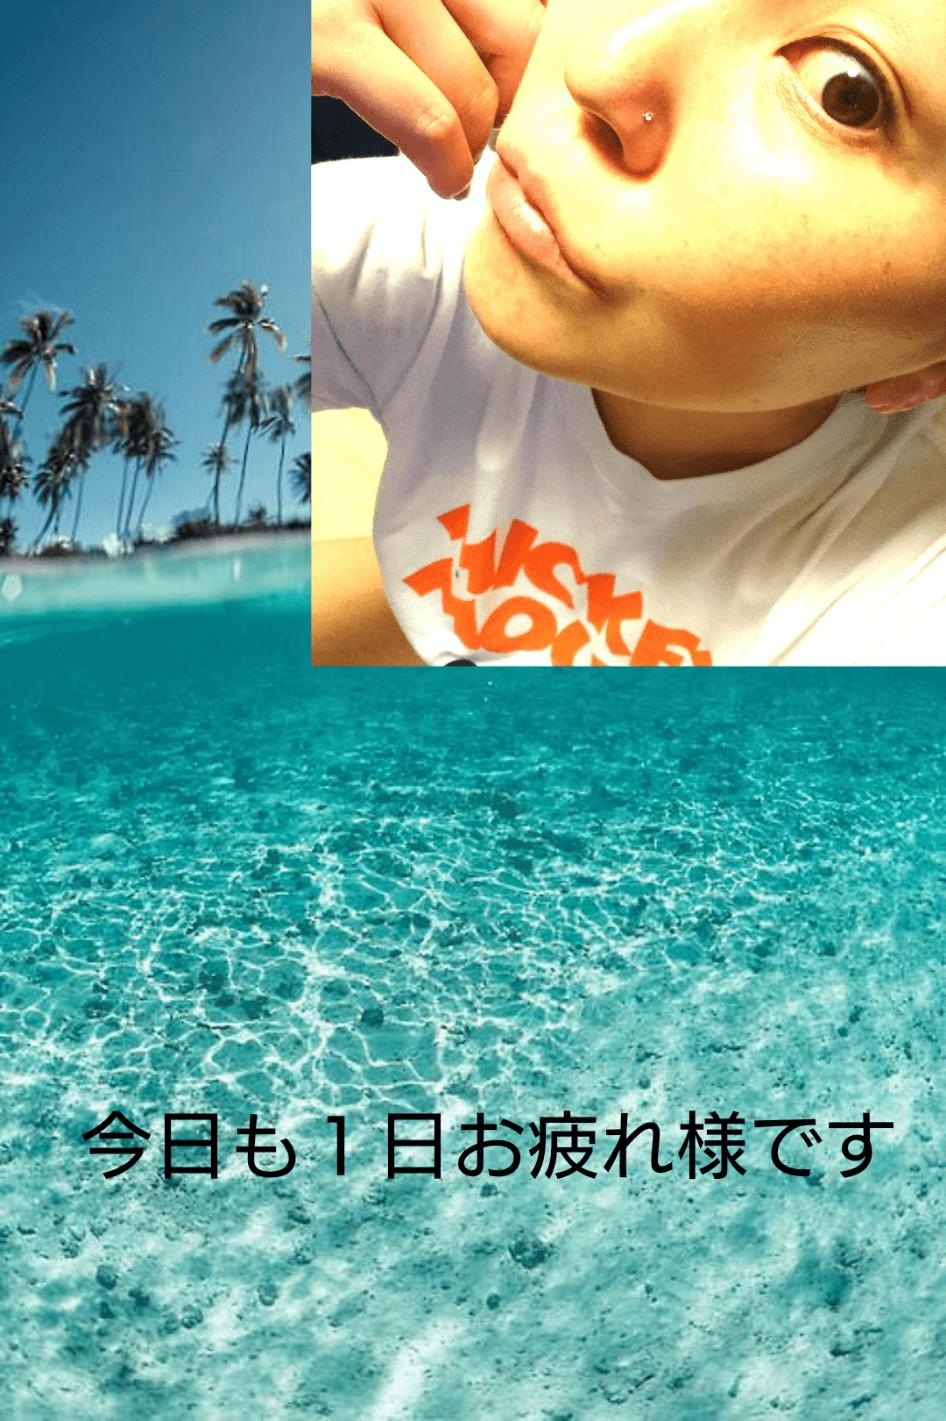 りく「日焼けしたよ〜ぉです(・・;)」07/17(火) 20:09 | りくの写メ・風俗動画